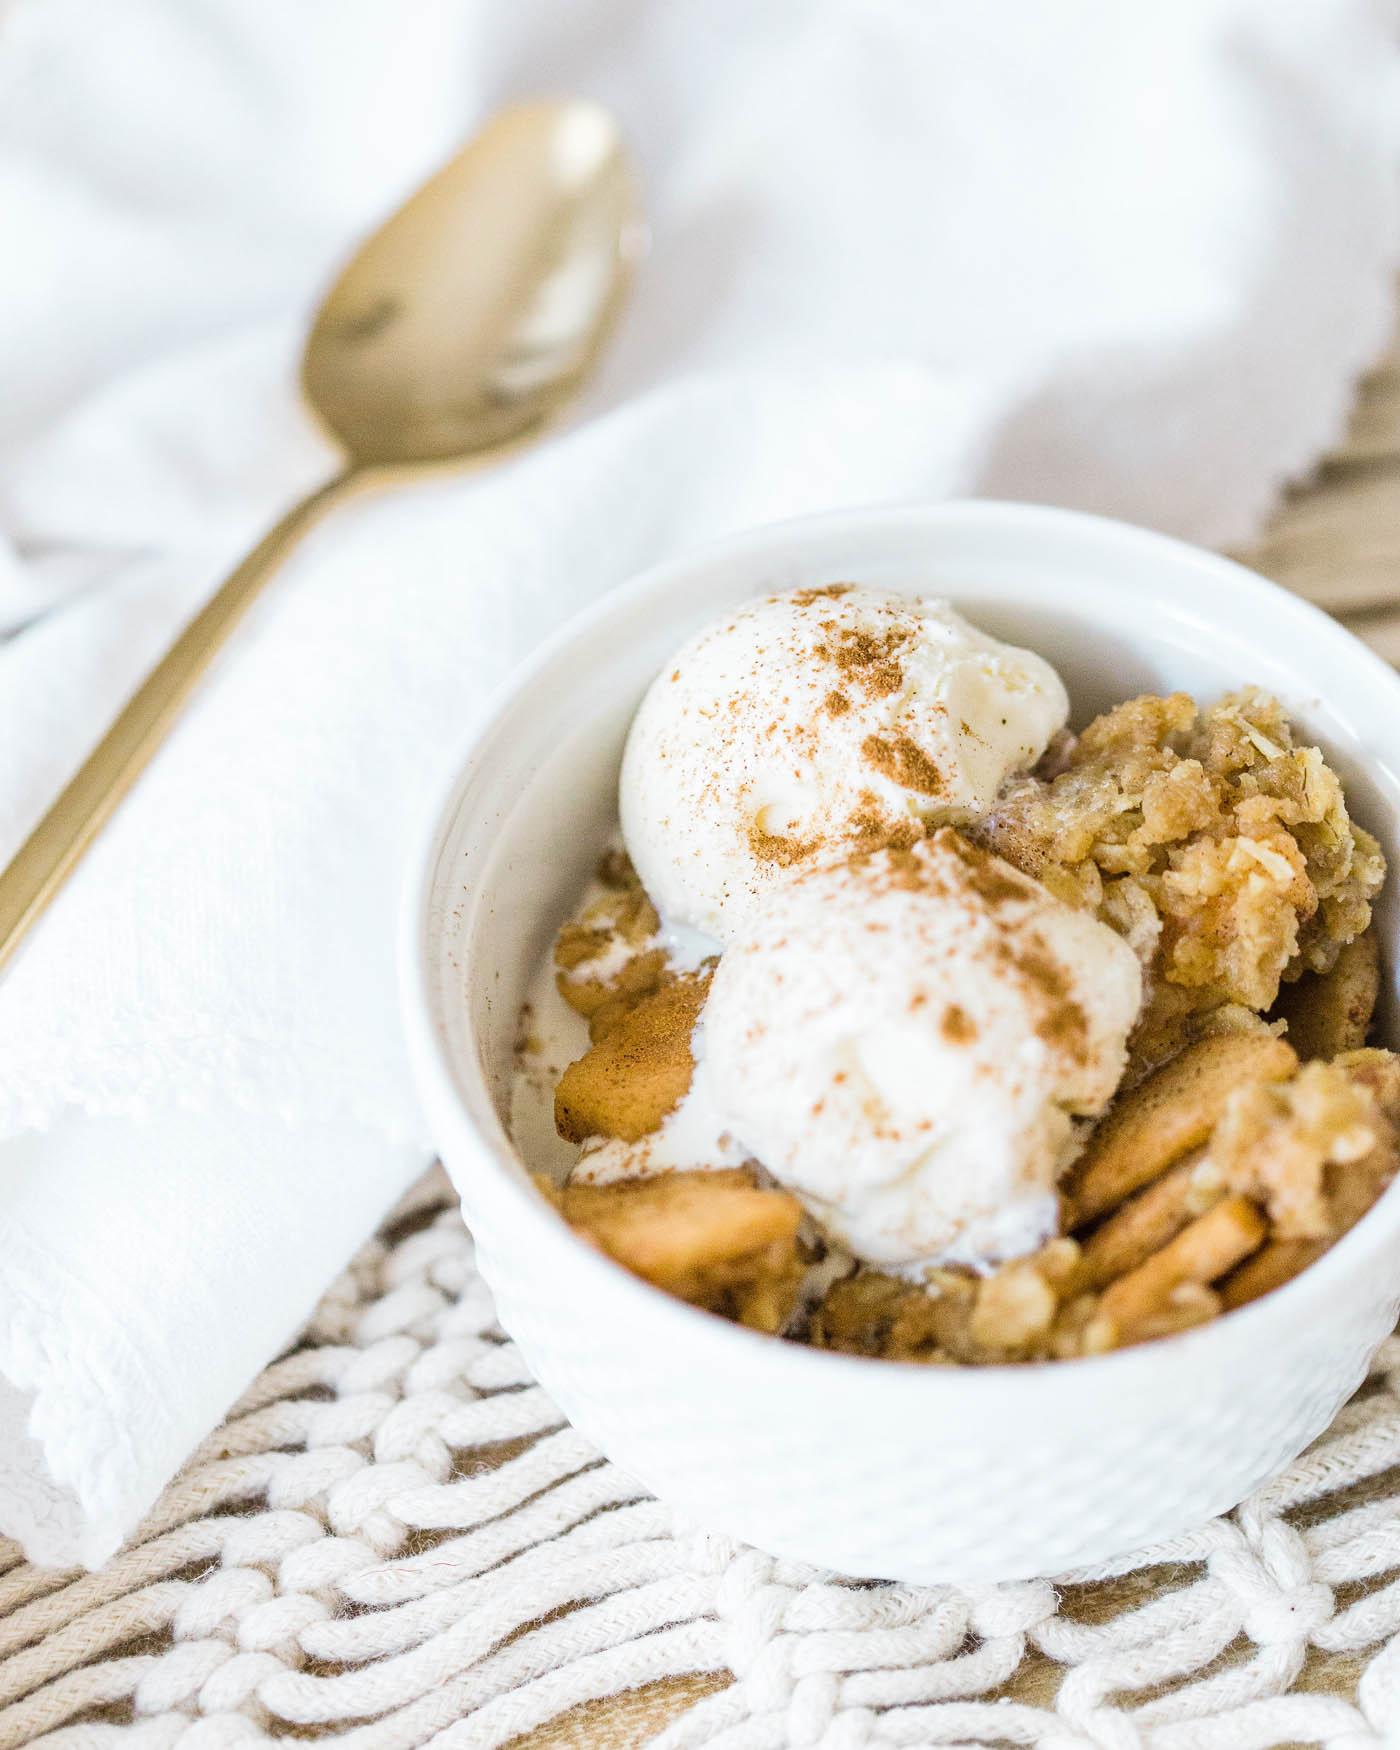 slow cooker apple crisp recipe - The Blog Societies